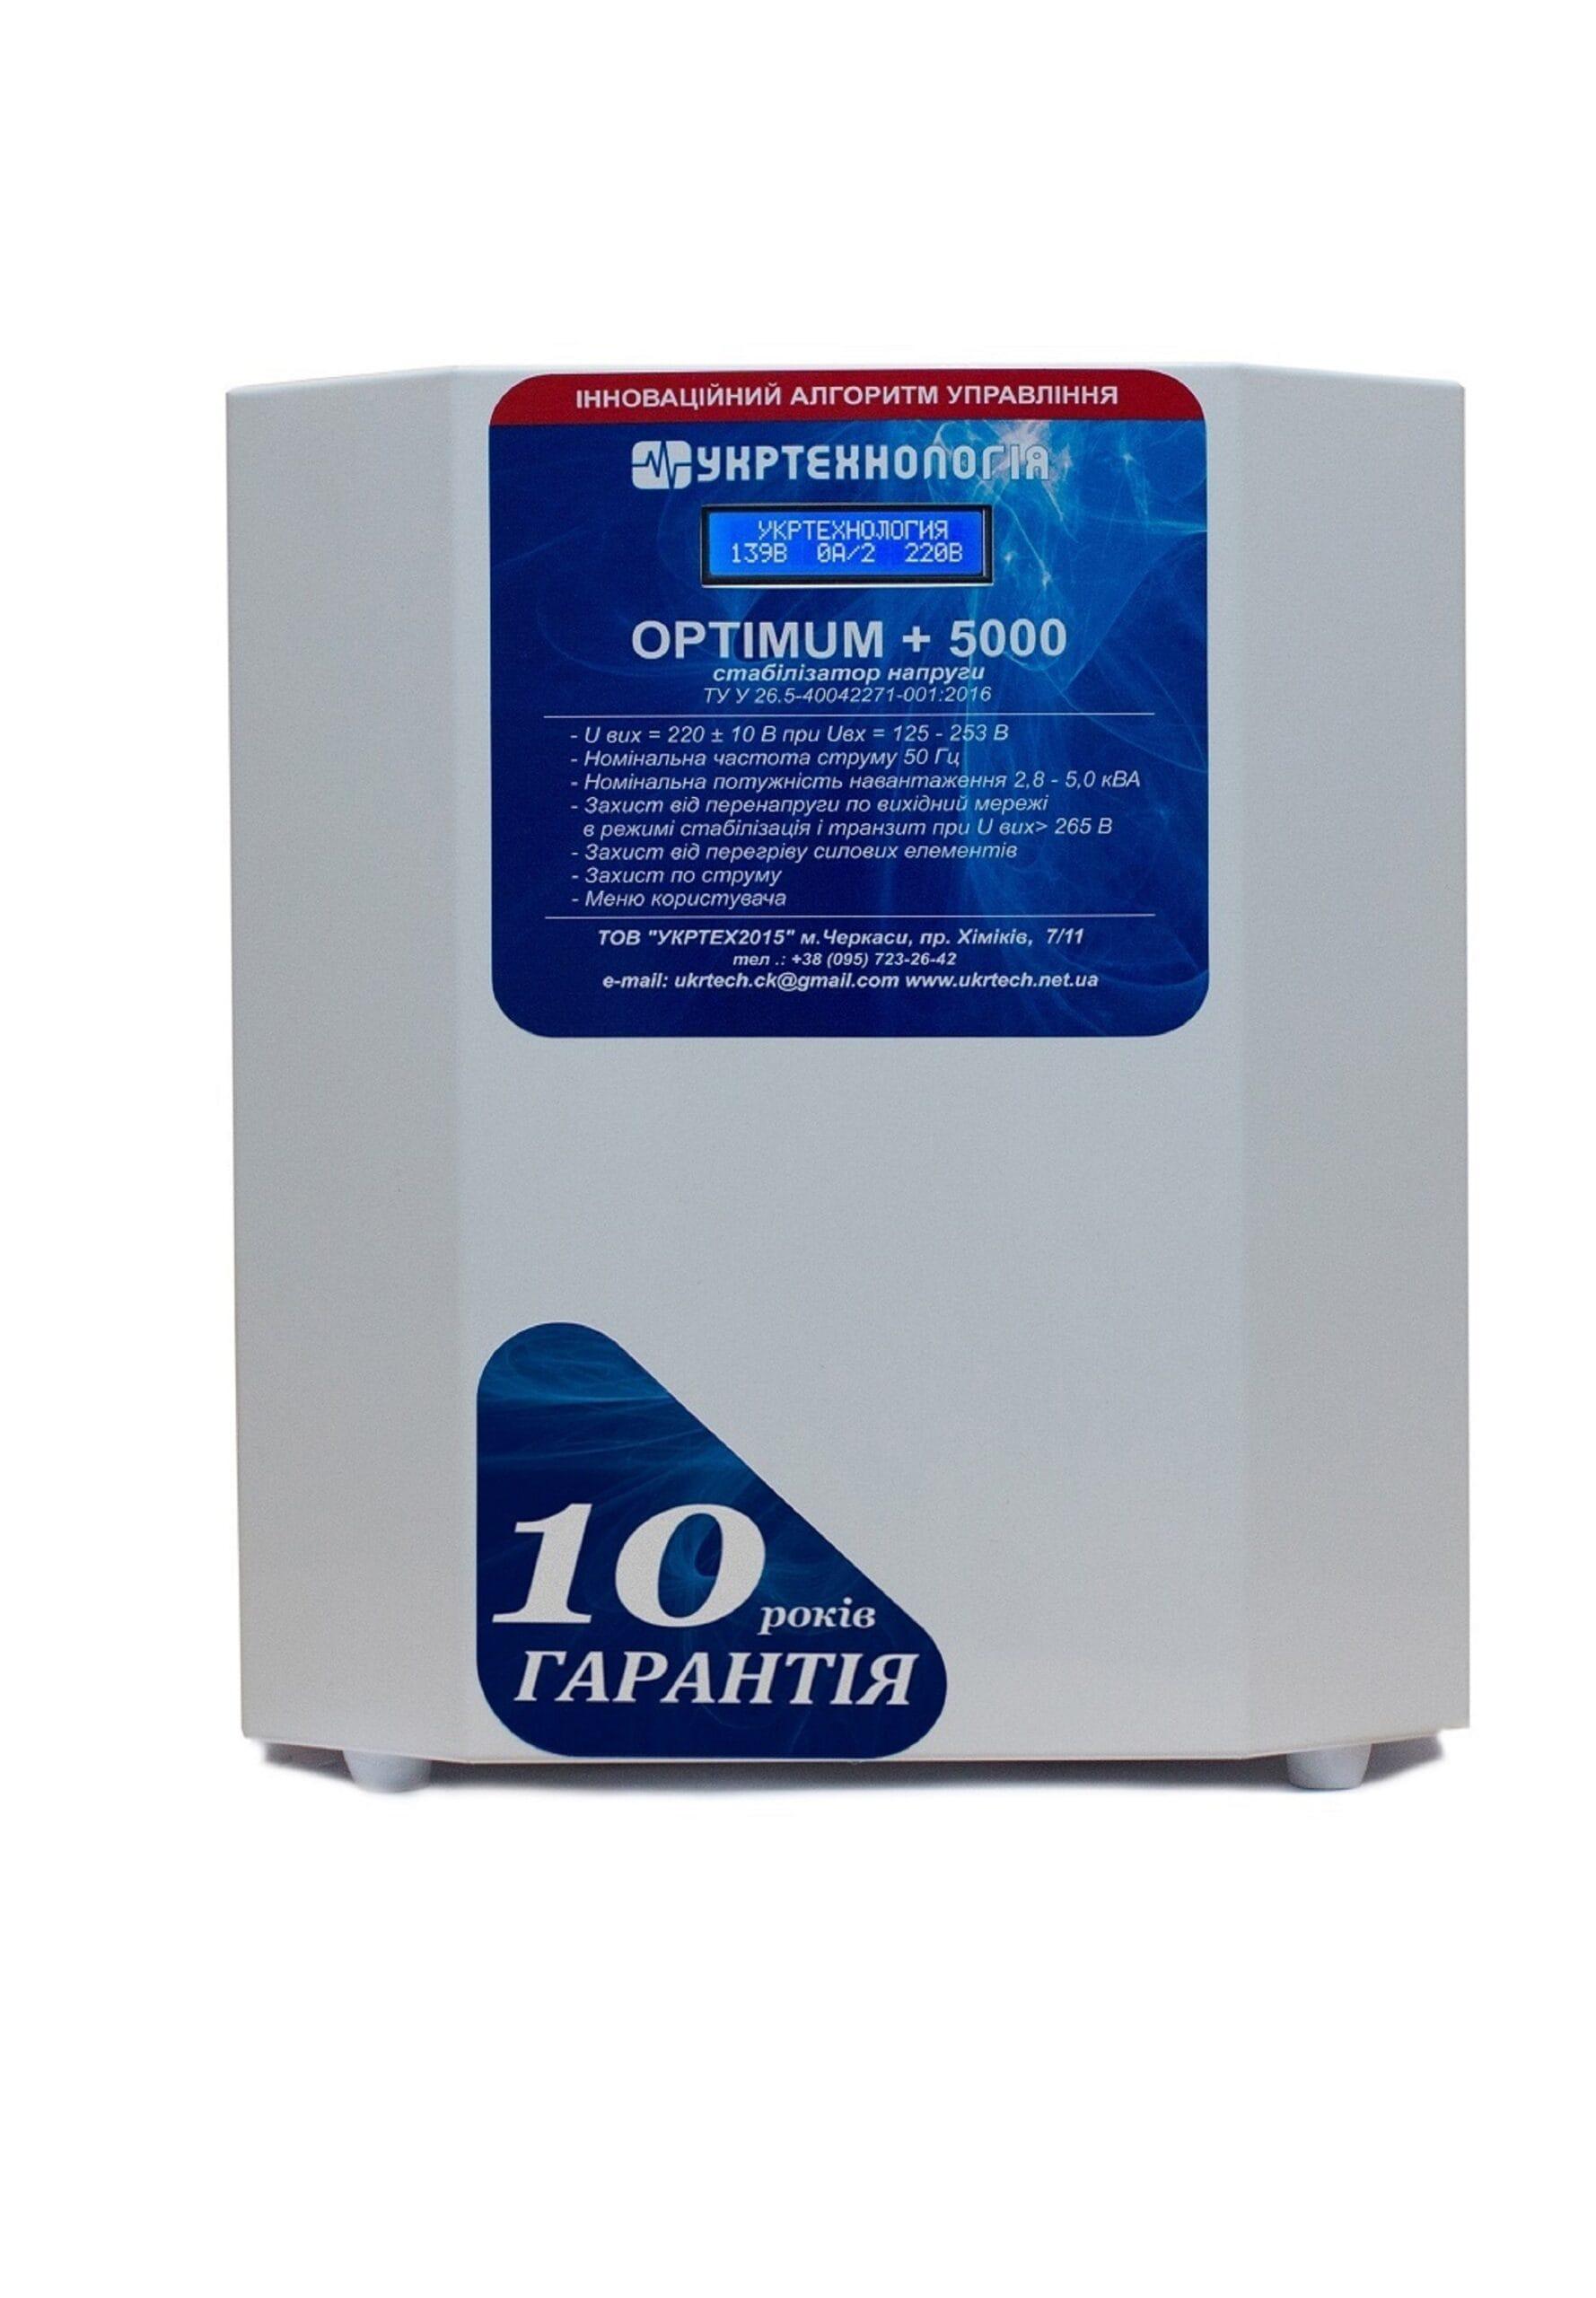 Стабилизаторы напряжения - Стабилизатор напряжения 5 кВт OPTIMUM 000001383 - Фото 3